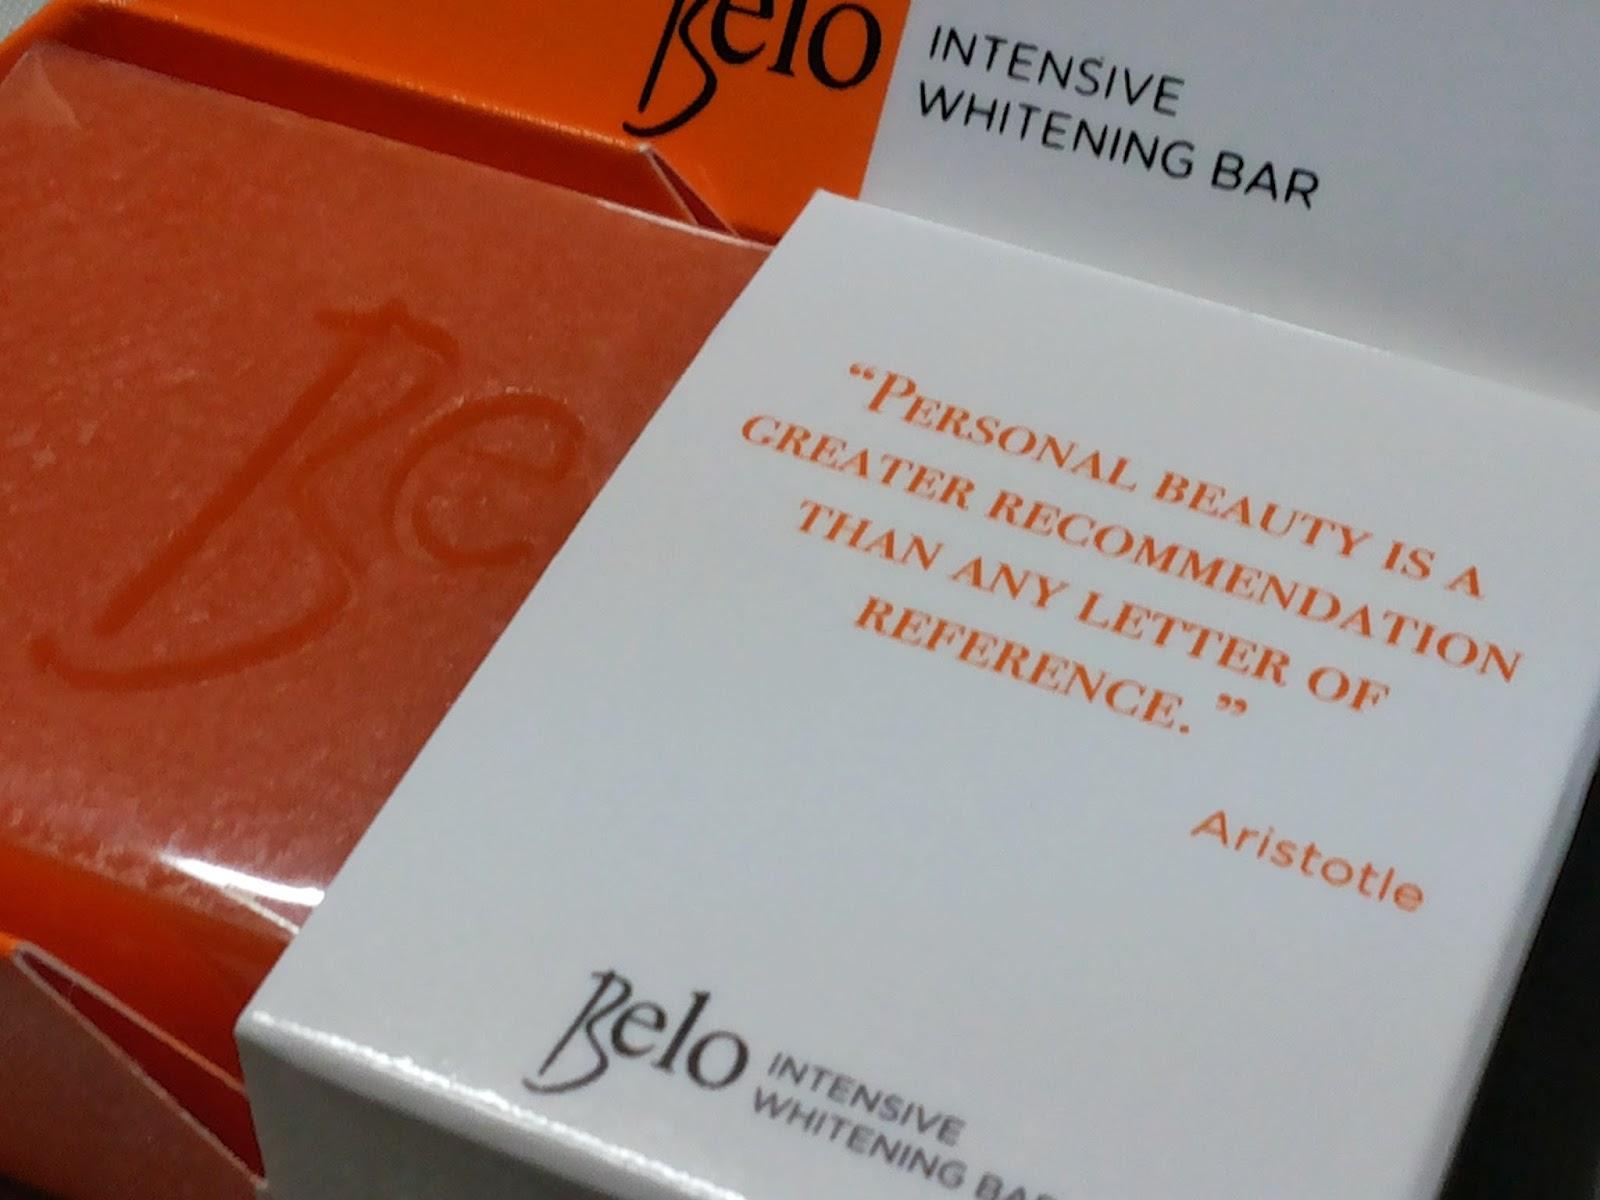 Belo Intensive Whitening Bar